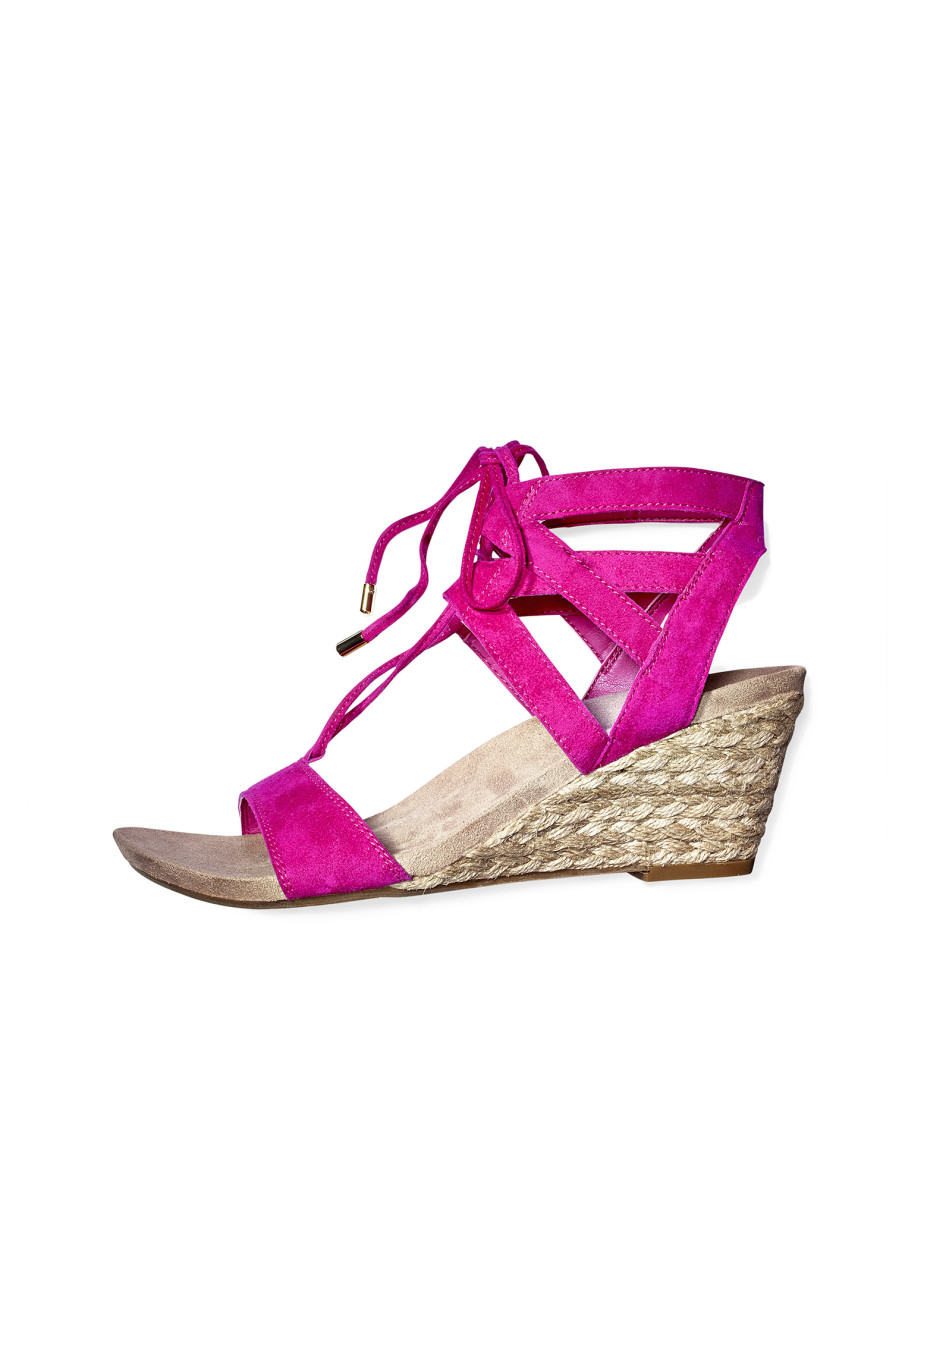 comfortable heels pink wedge heel